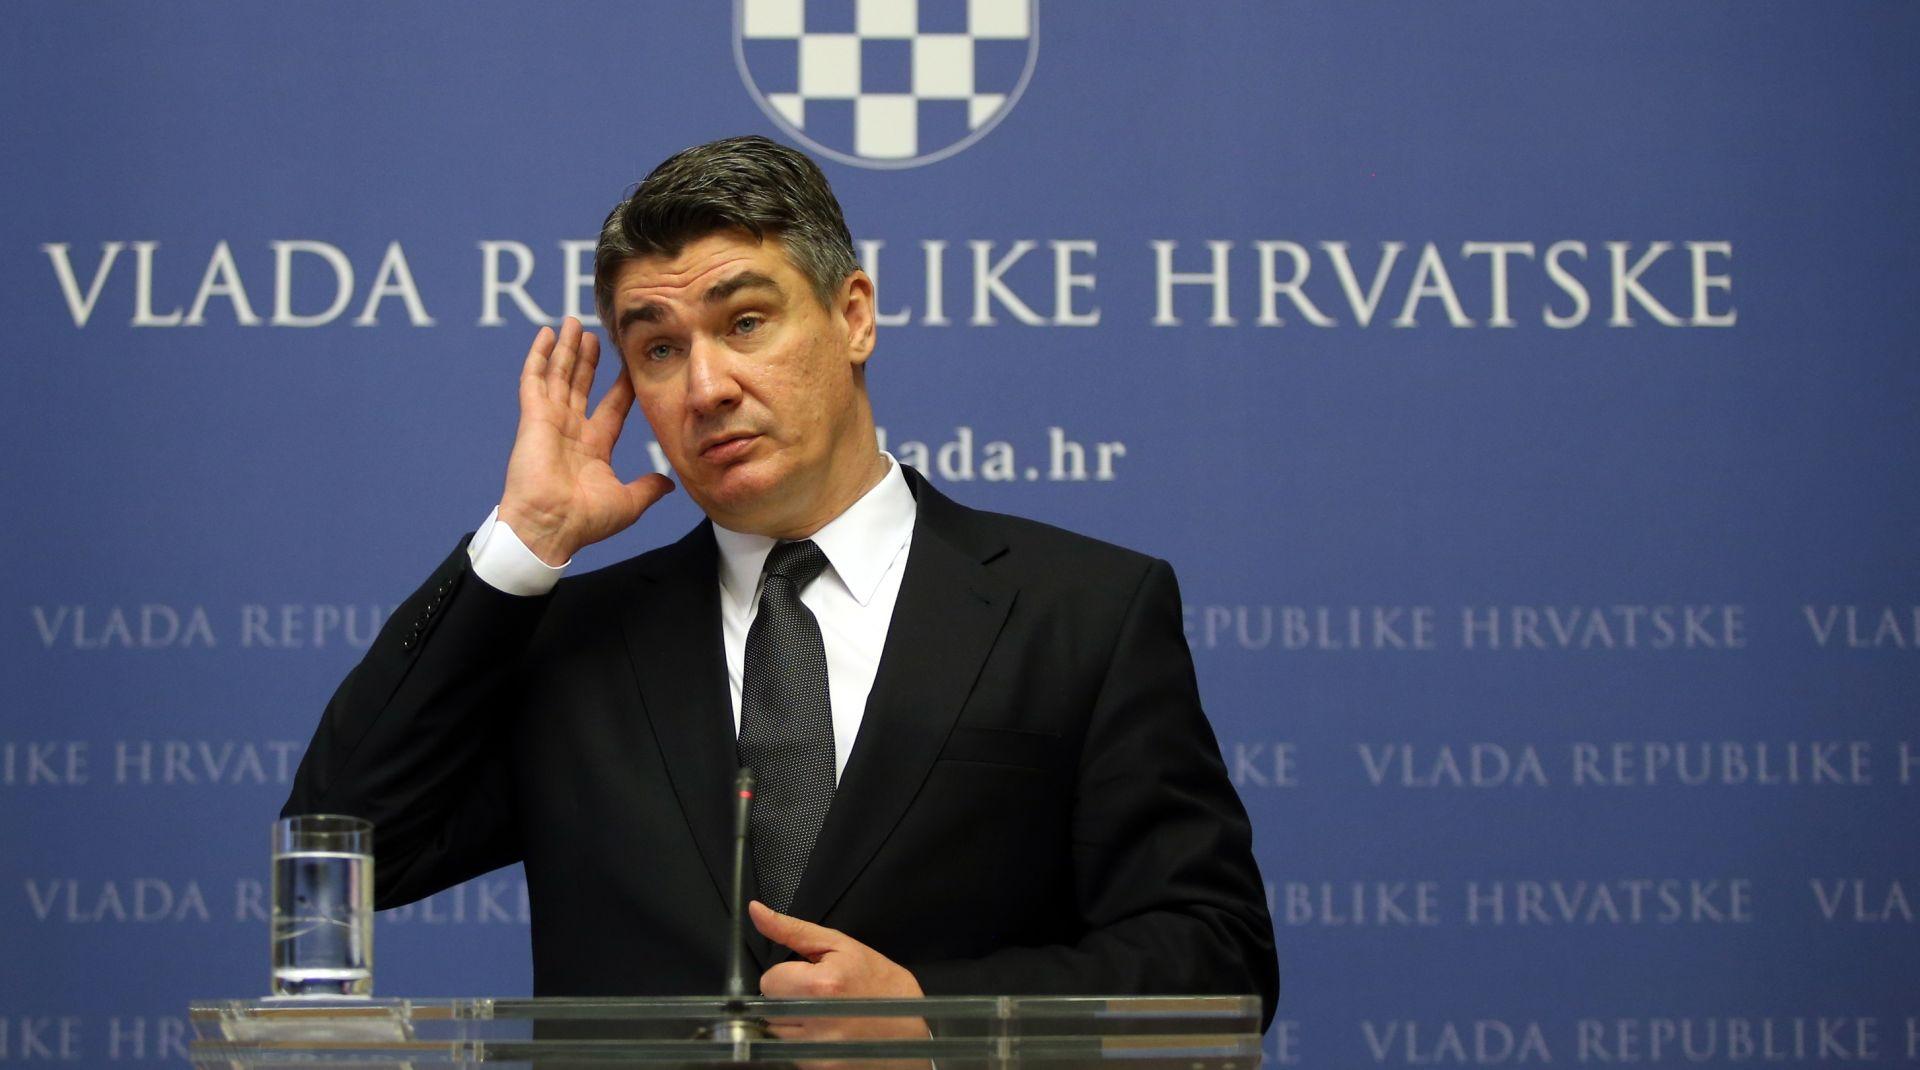 Obrazloženje vlade za istupanje iz arbitraže sa Slovenijom